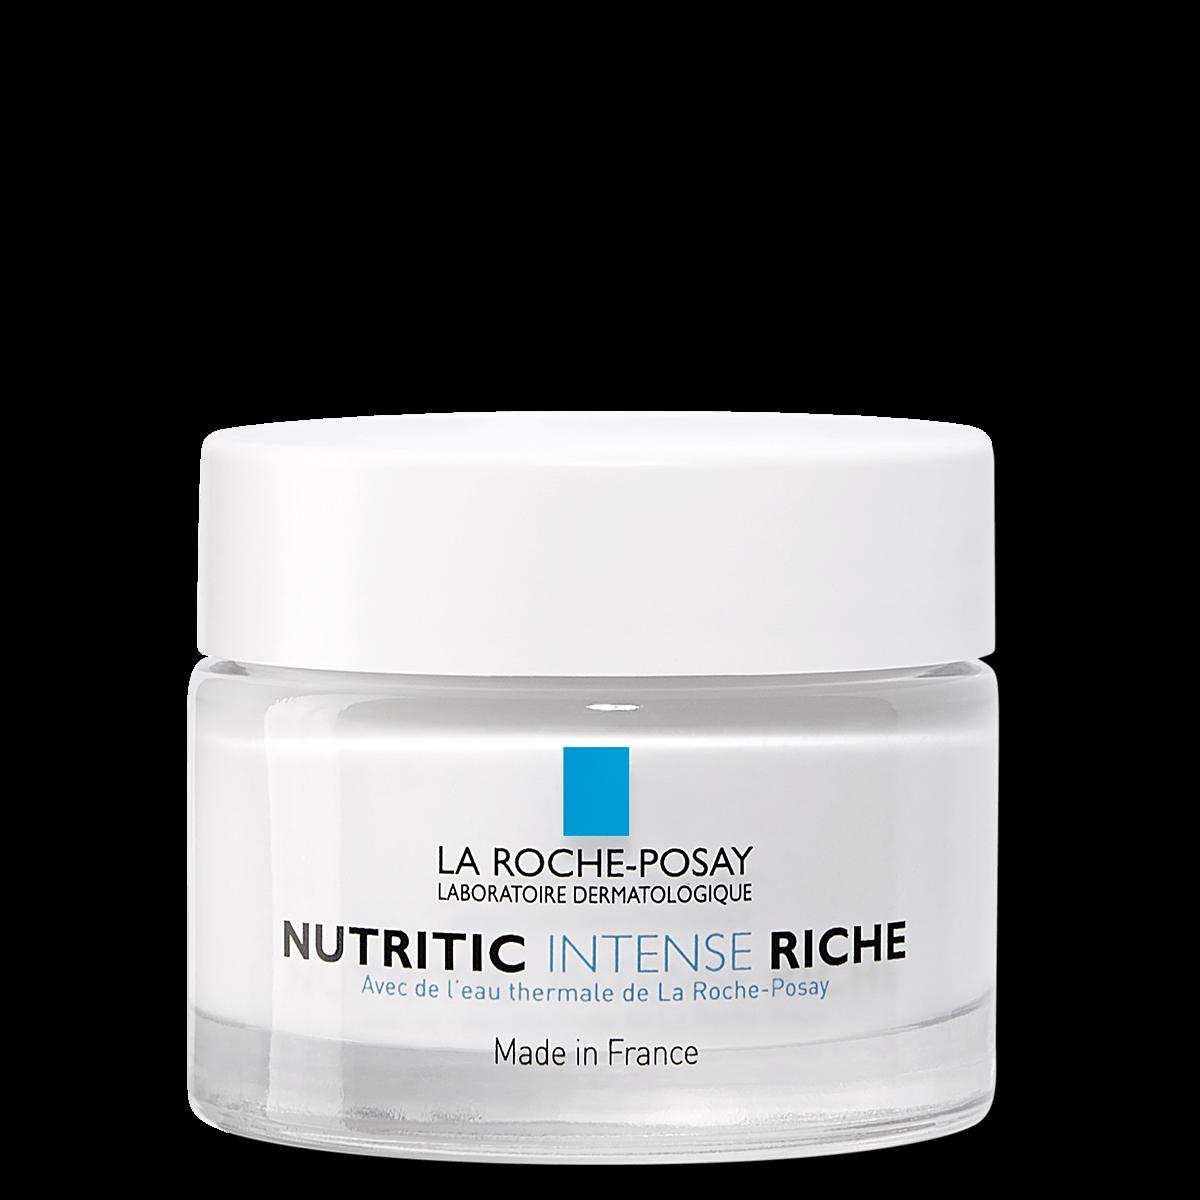 La Roche Posay StránkaProduktu Péče o obličej Nutritic Intense Rich Krém 50ml